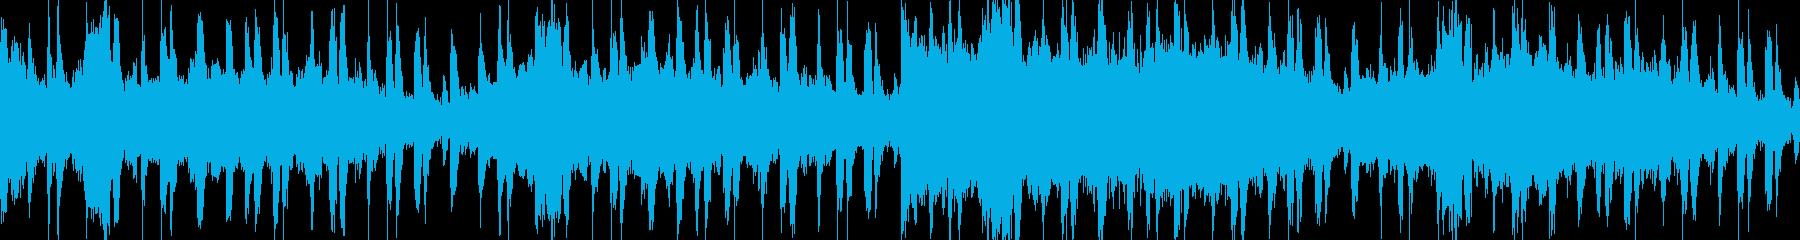 教会風ゴシックな雰囲気のBGMの再生済みの波形